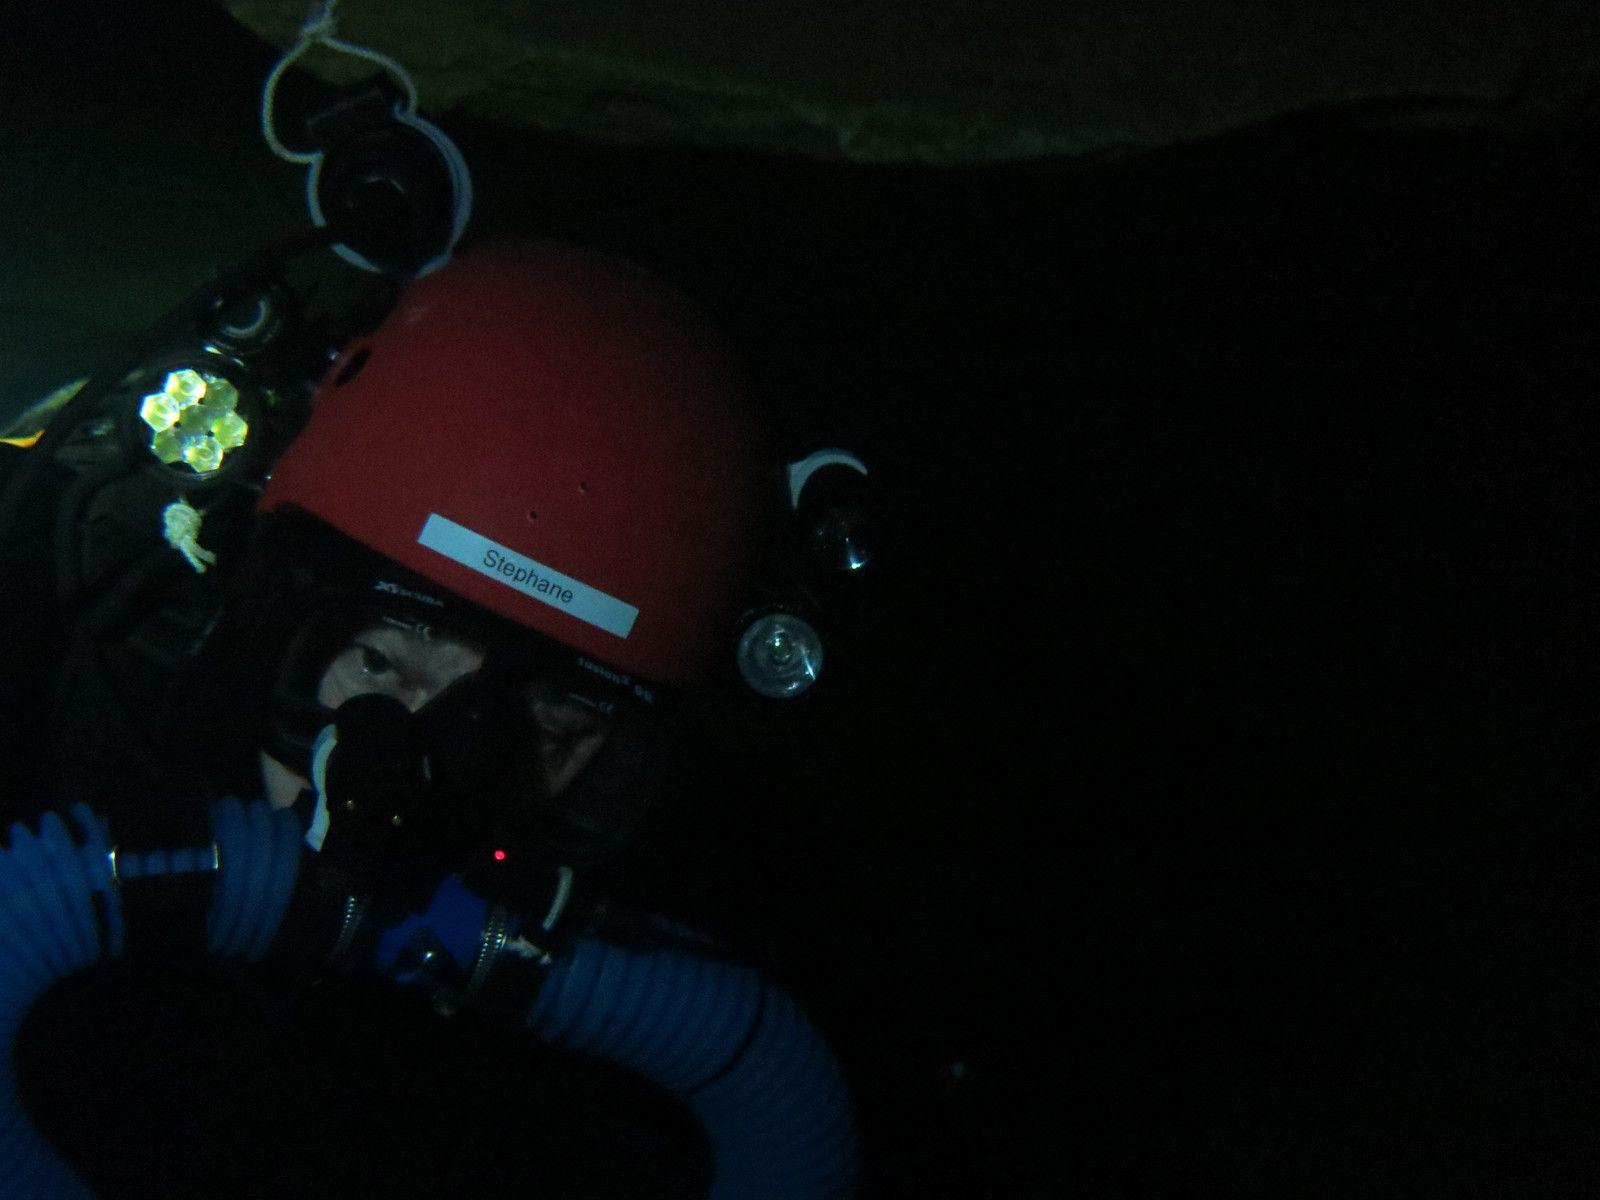 imaginez le retour sans lumière, dans le noir complet, la main sur le fil d'Ariane, le casque cognant régulièrement sur la roche....